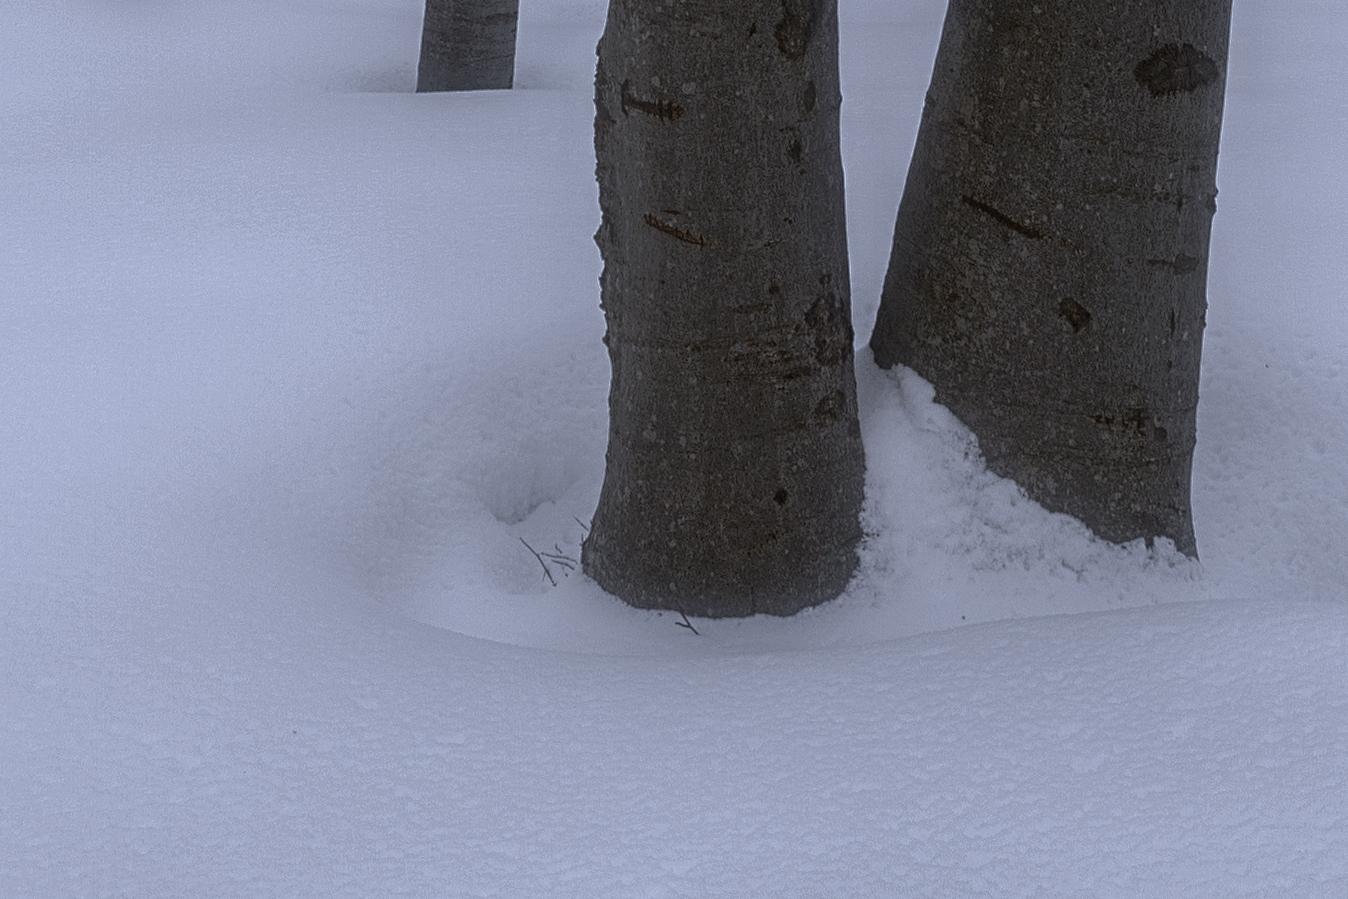 Faggi-difetto-cromatico-neve-2.jpg